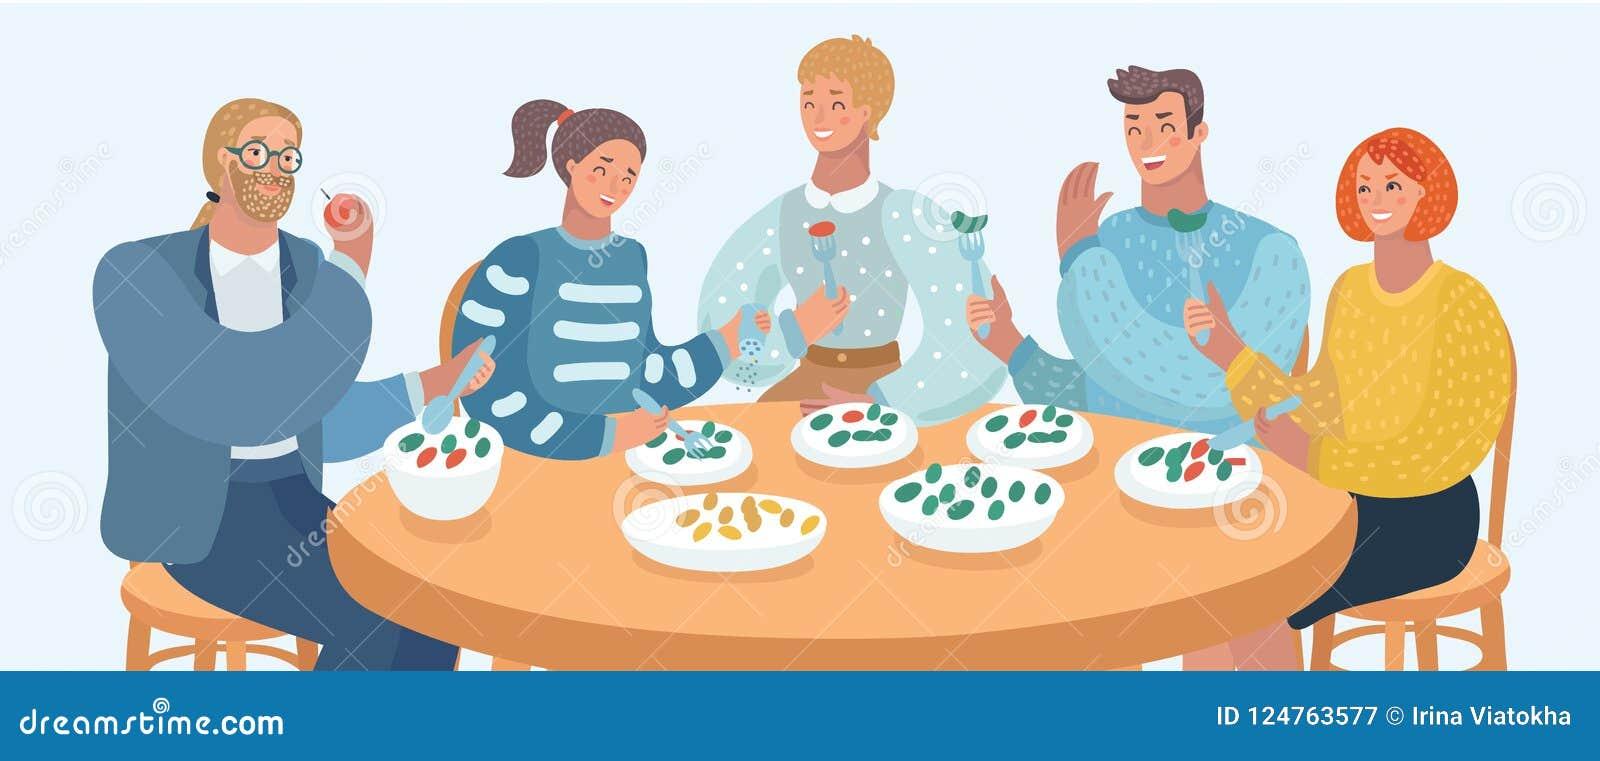 Группа людей ест